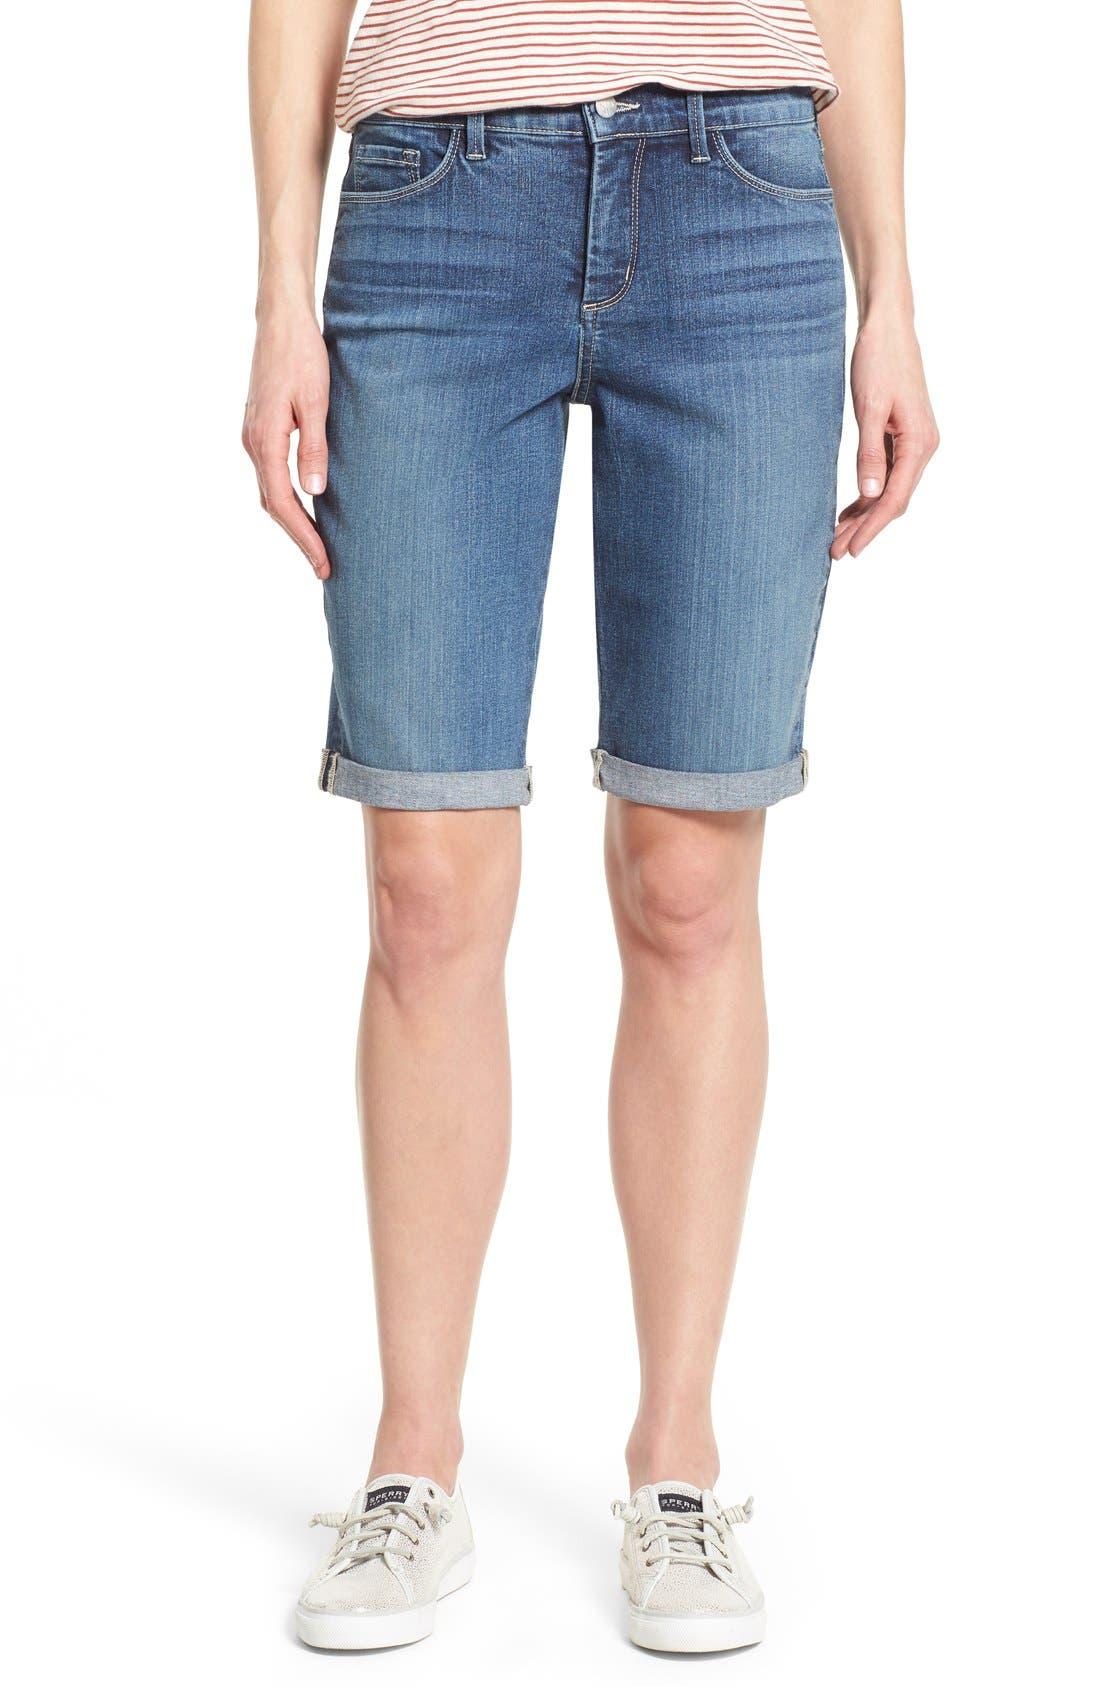 Briella Roll Cuff Stretch Denim Shorts,                             Main thumbnail 1, color,                             Heyburn